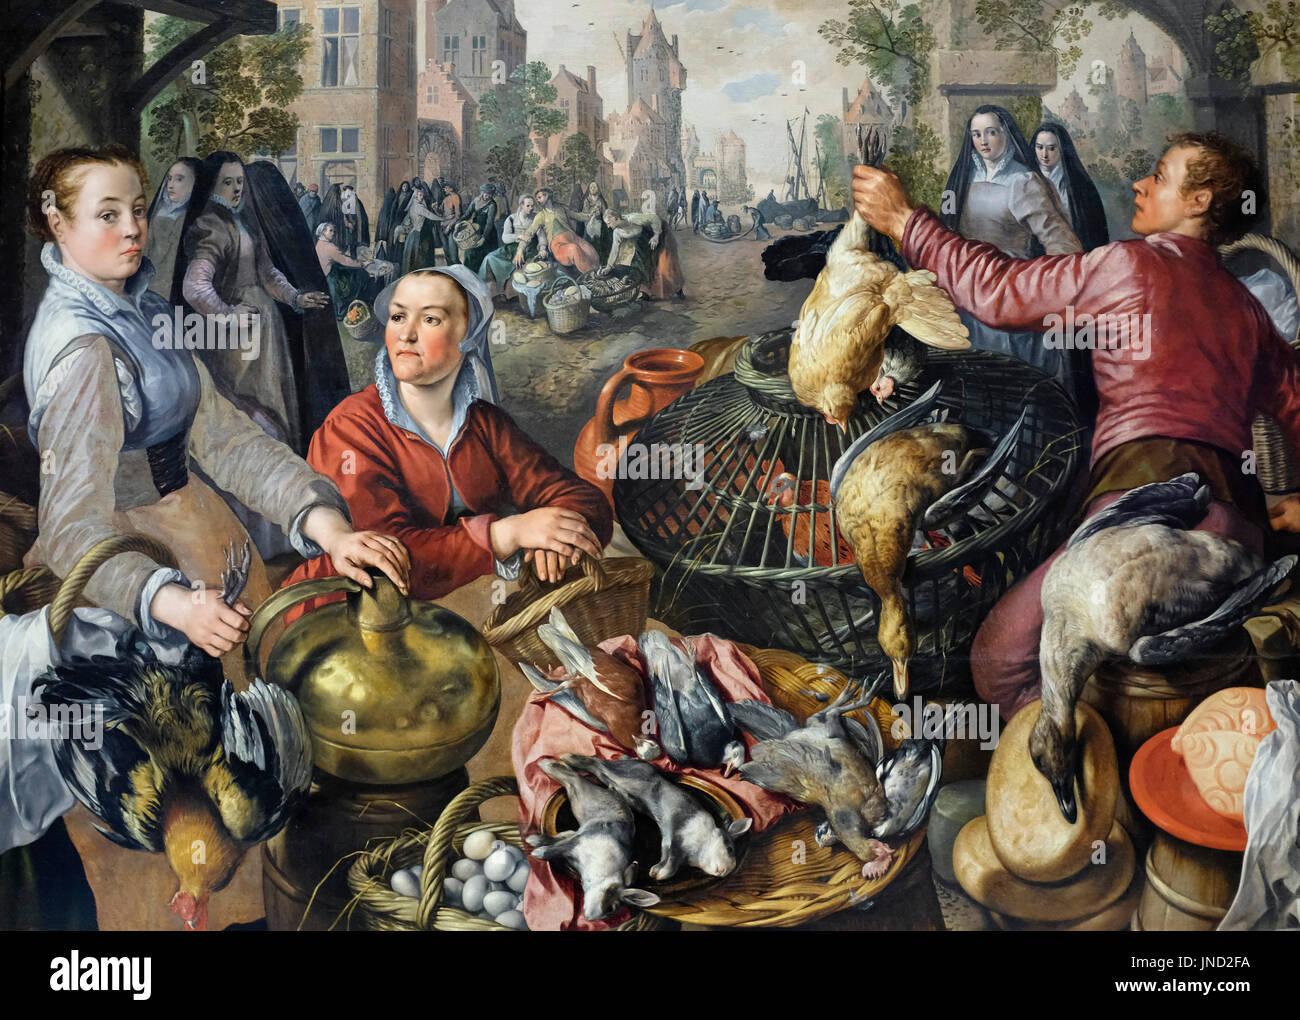 Die vier Elemente: Luft, 1569 eine Geflügelmarkt - Joachim Beuckelaer Stockbild